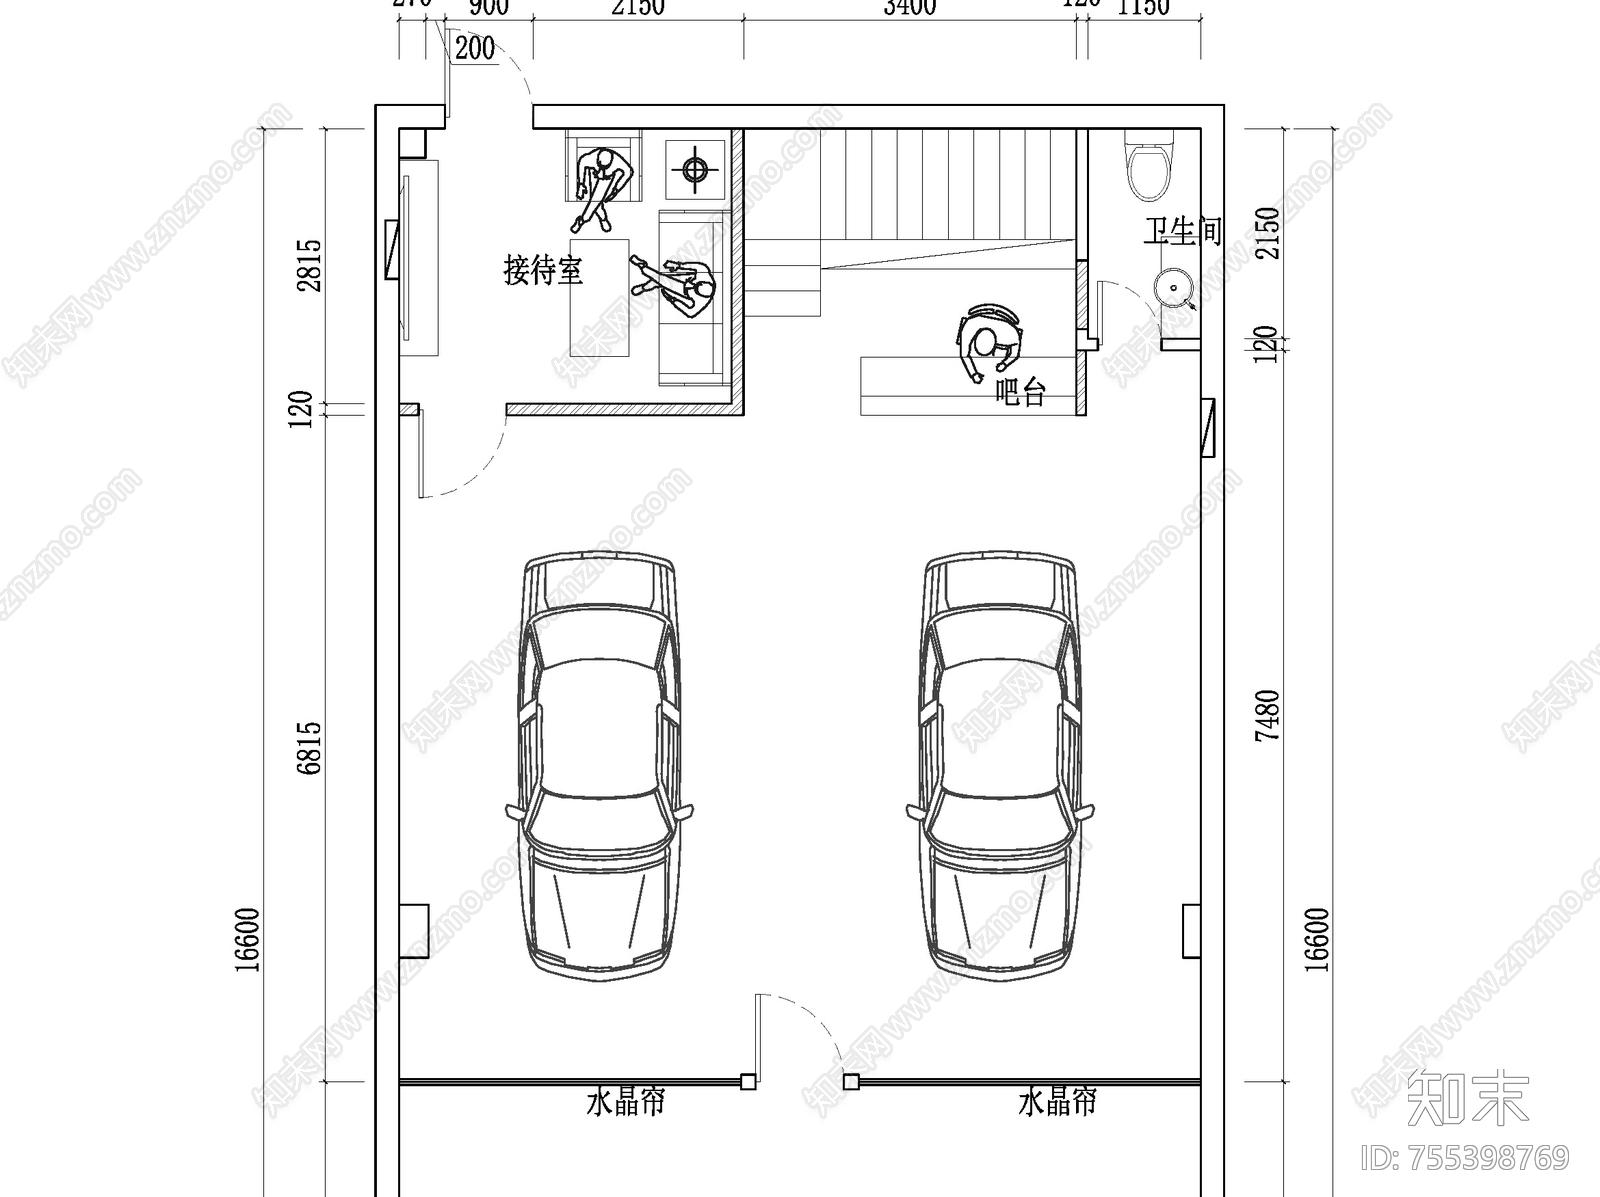 汽车4S店平面布置图施工图下载【ID:755398769】